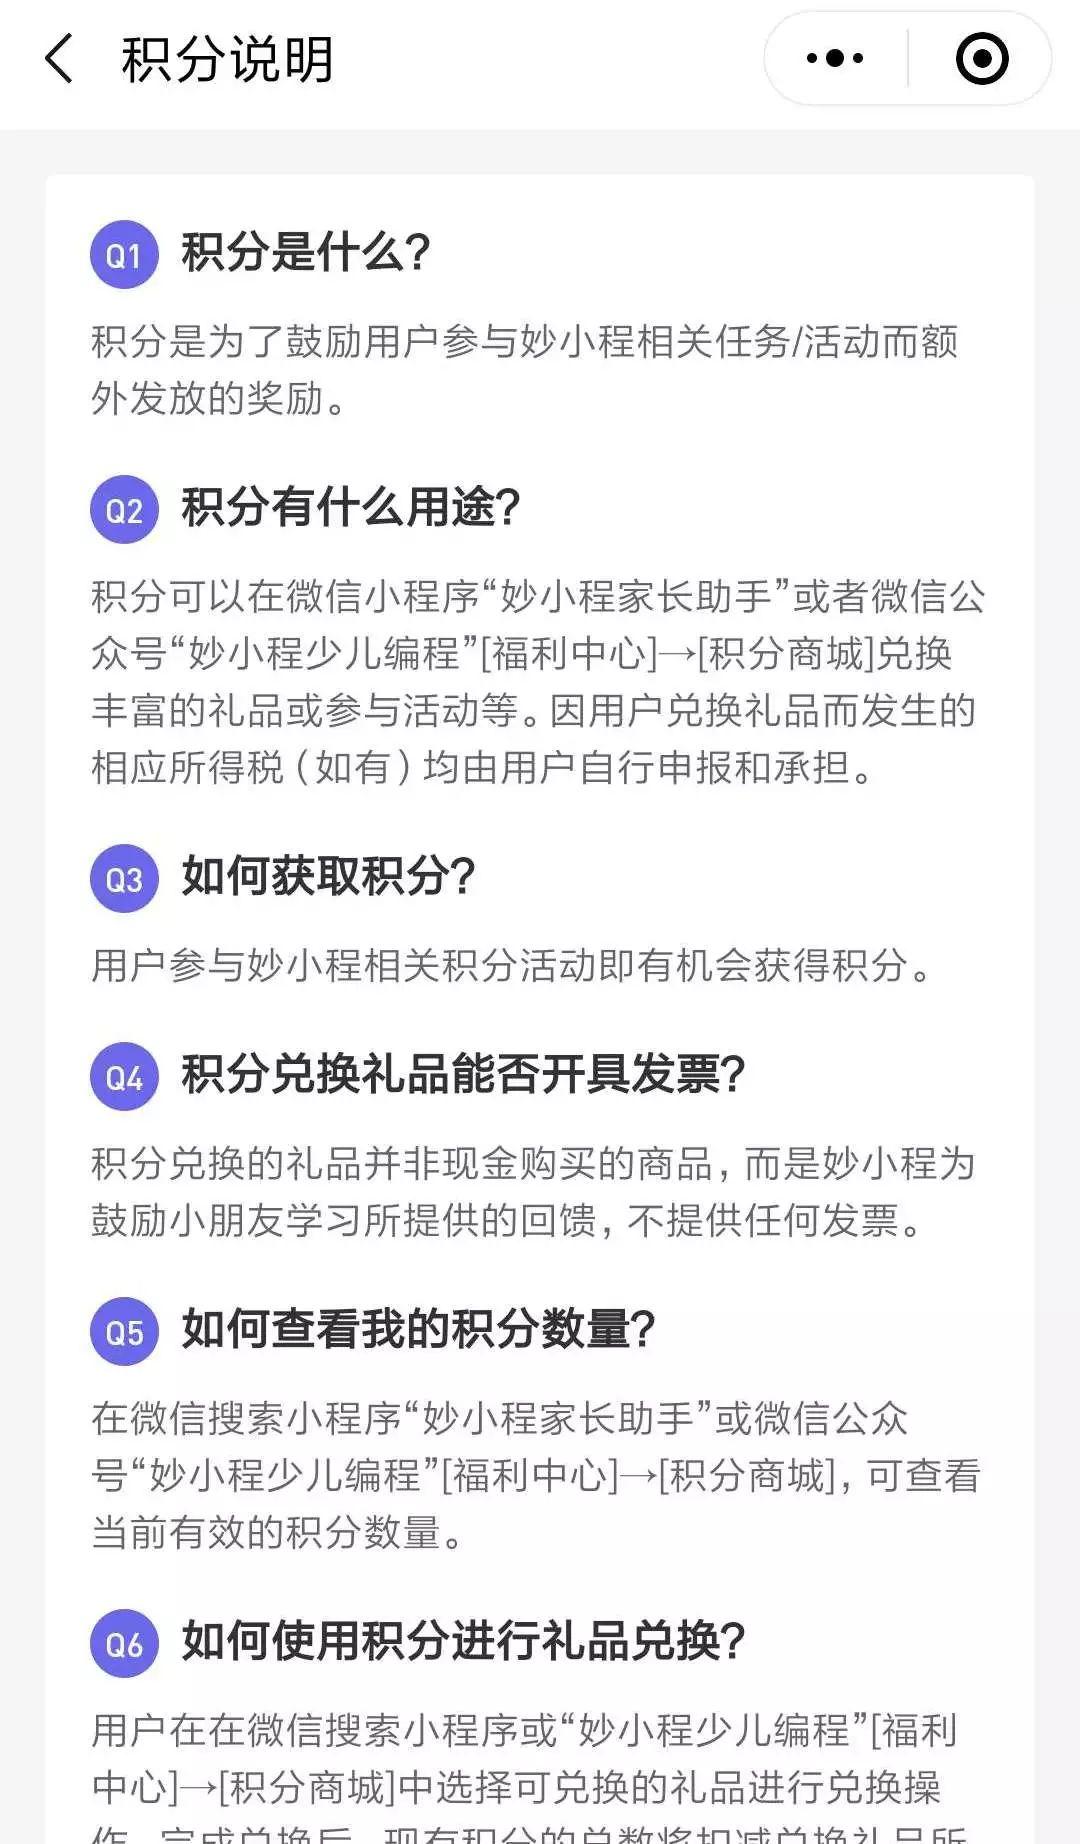 【开年福利】妙小程积分商城上线,邀约可得5500积分!